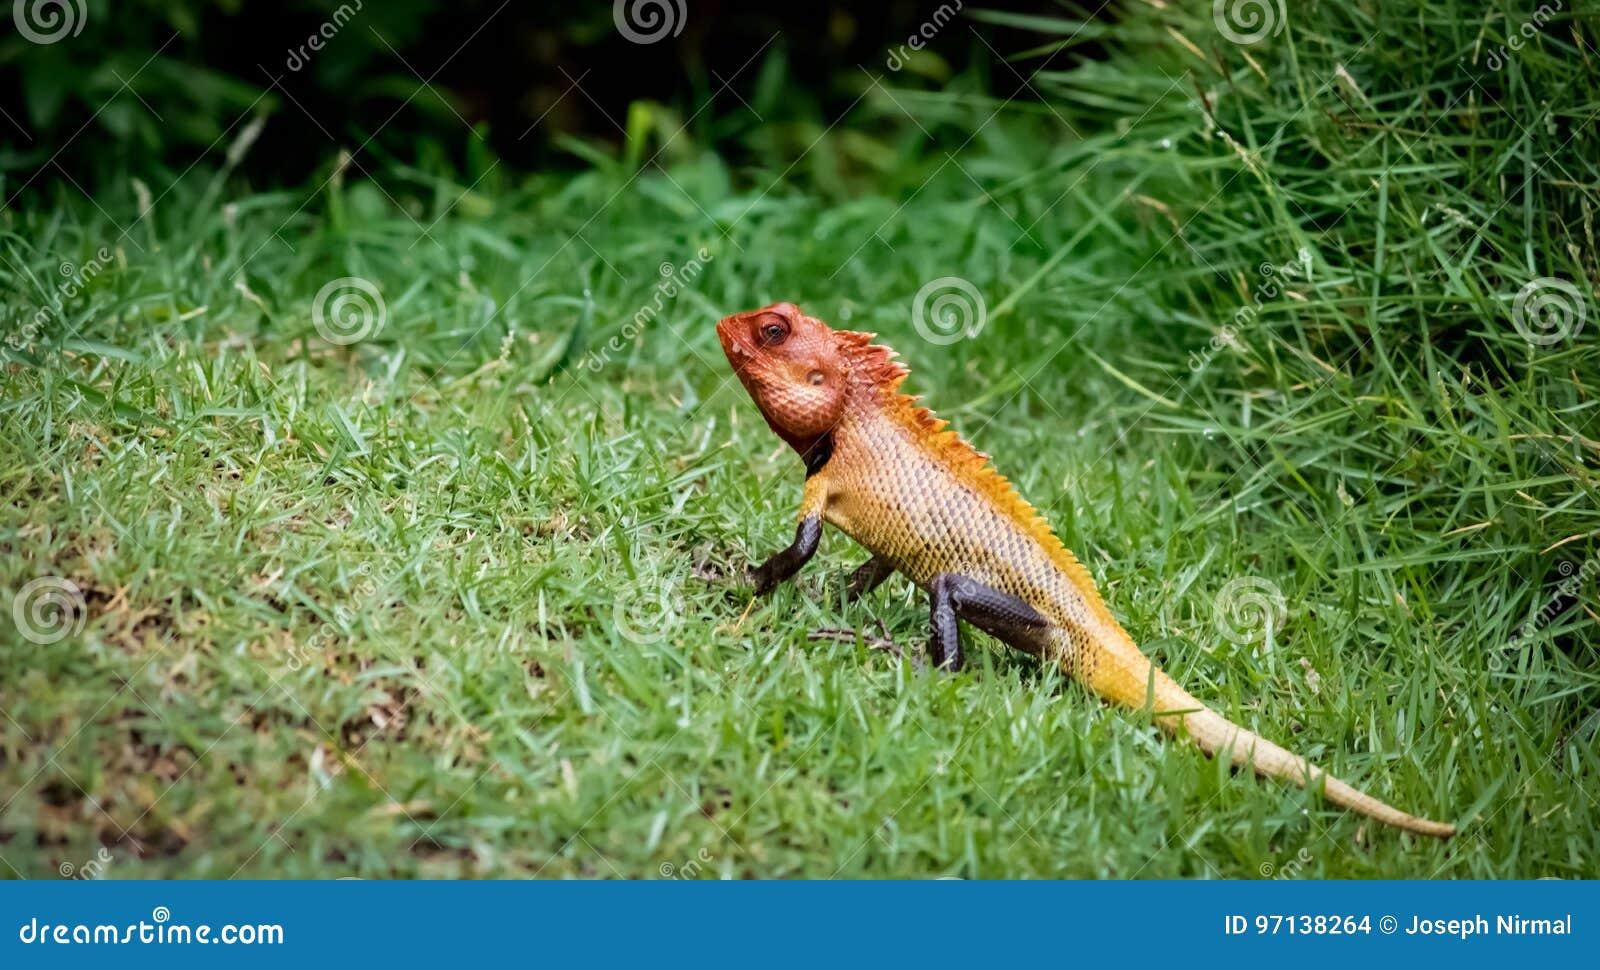 被显示的变色蜥蜴